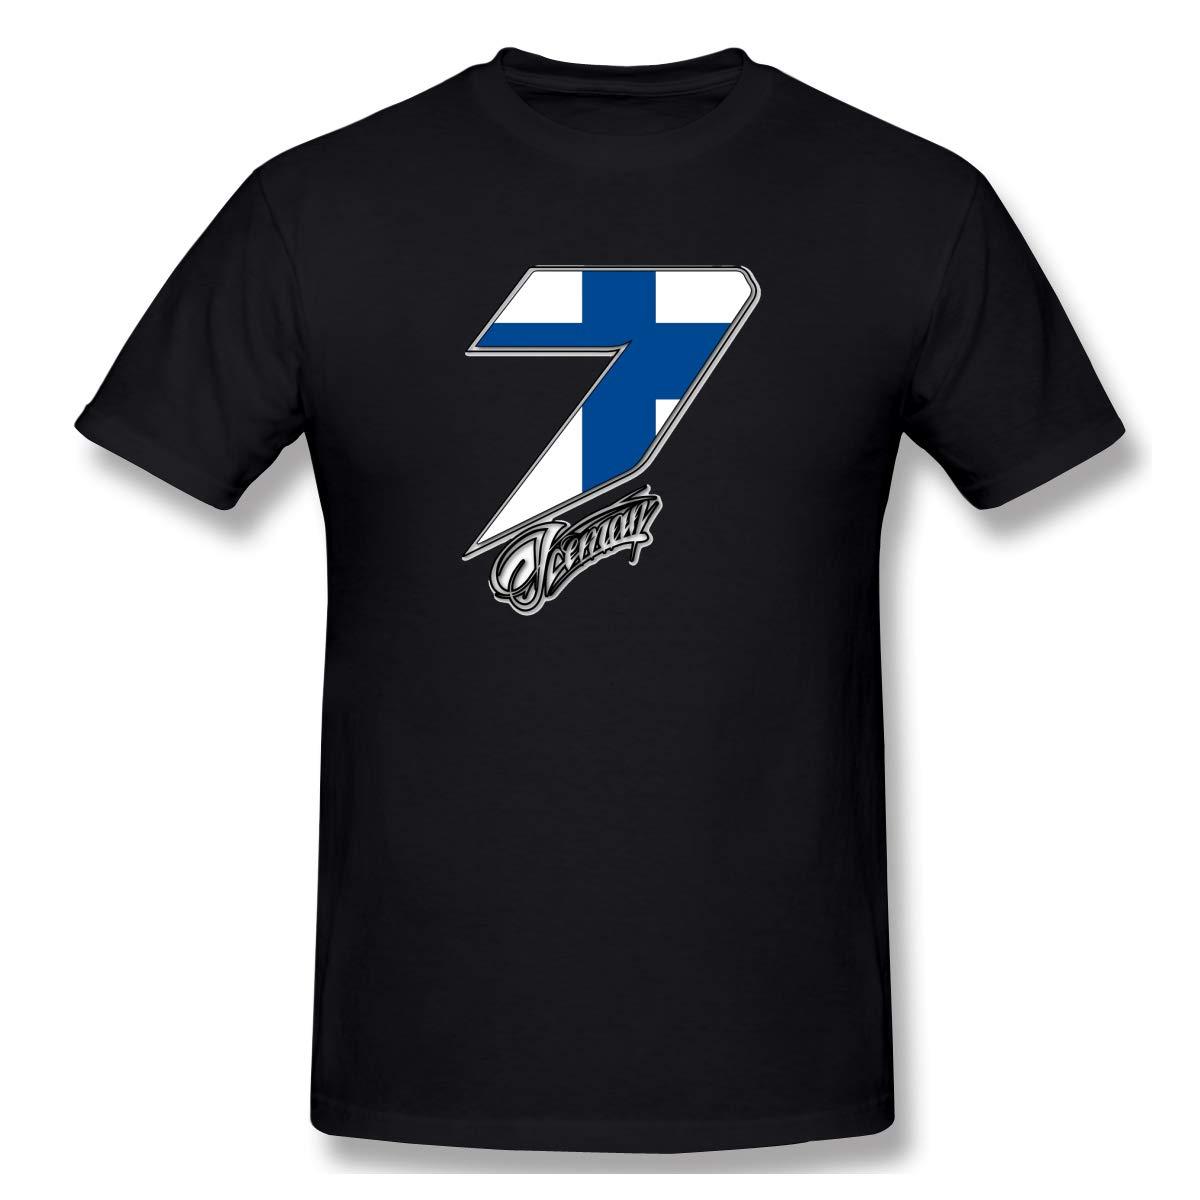 Madison Kimi R Ikk Nen 7 Print Short Sleeve Funny Shirt For And